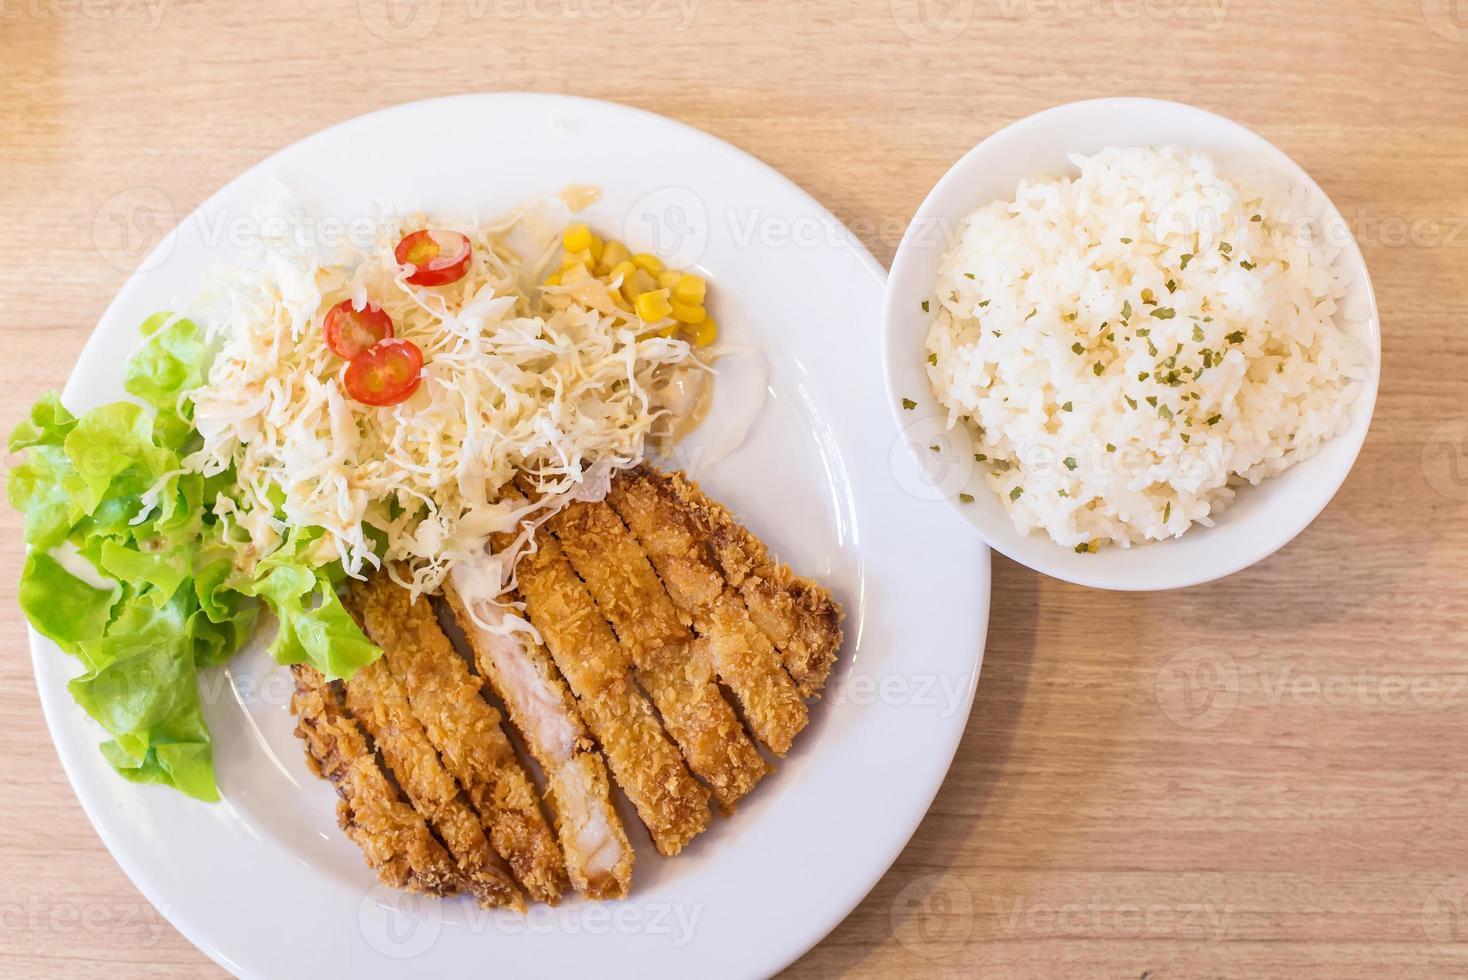 gefrituurd varkensvlees (tonkutsu) foto